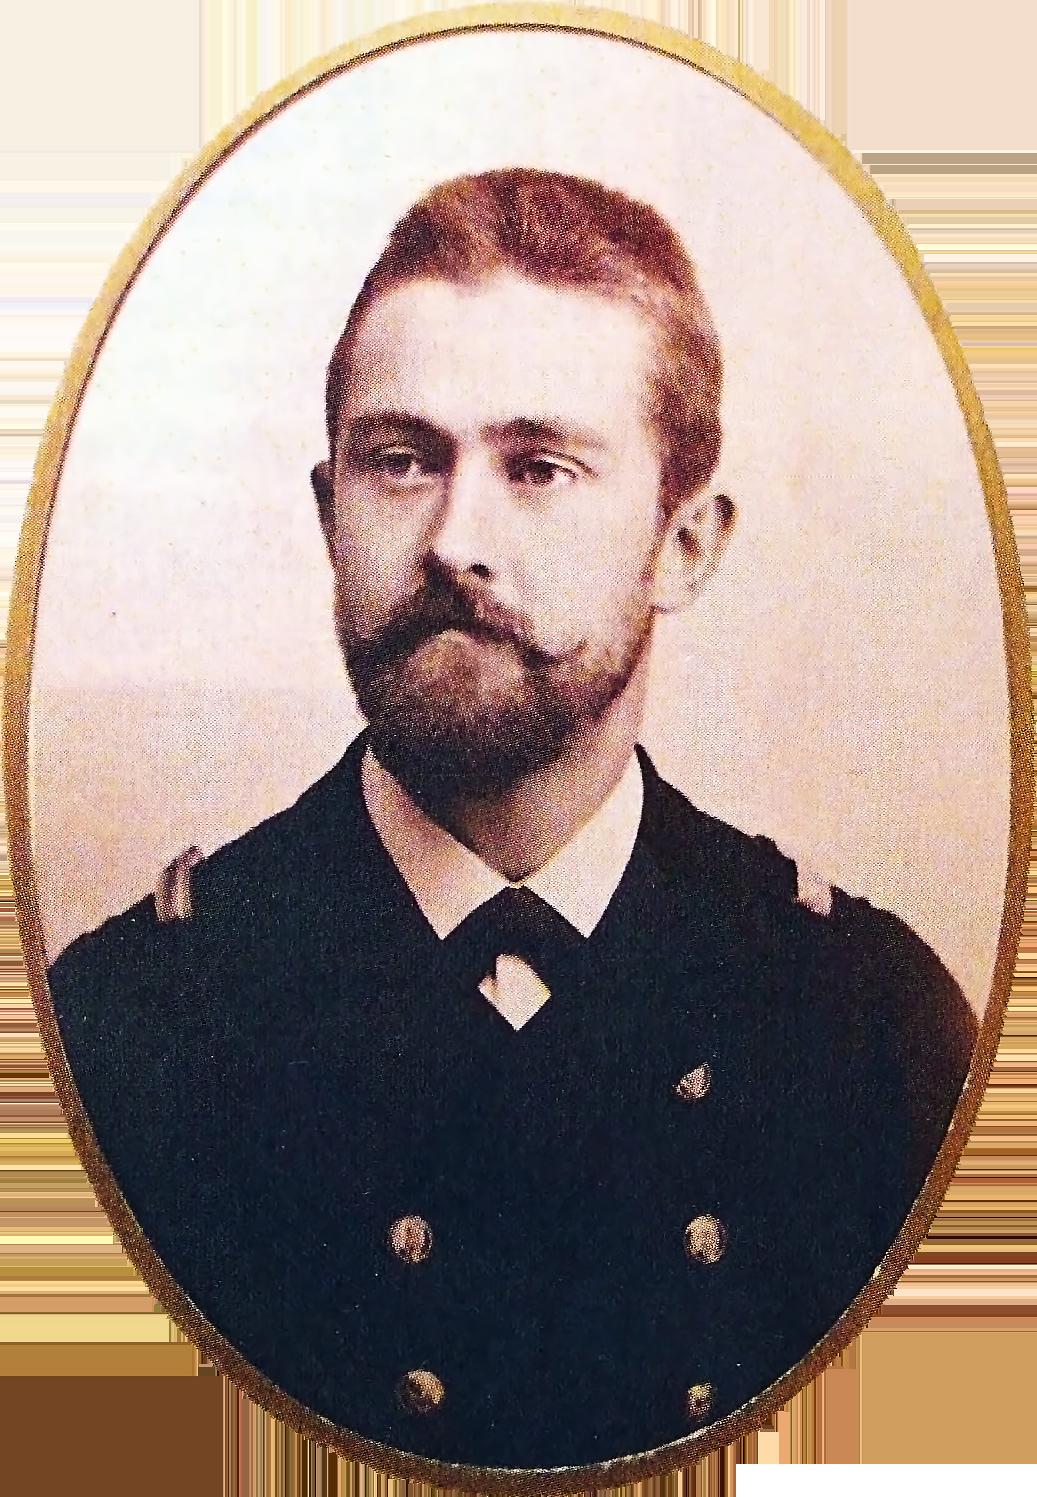 Image of Theodor Scheimpflug from Wikidata